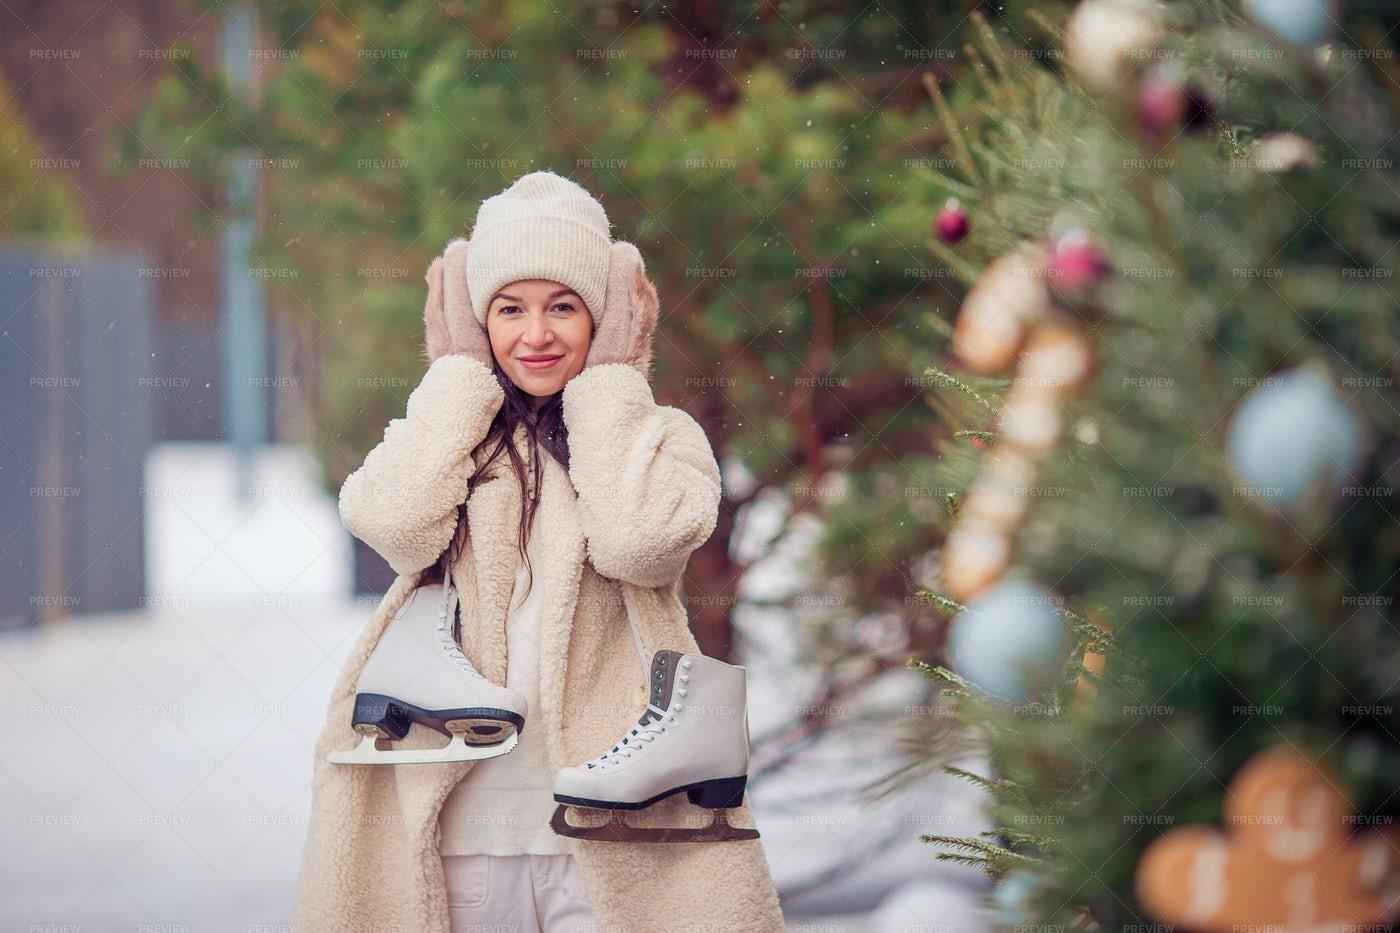 Woman Ready To Skate: Stock Photos